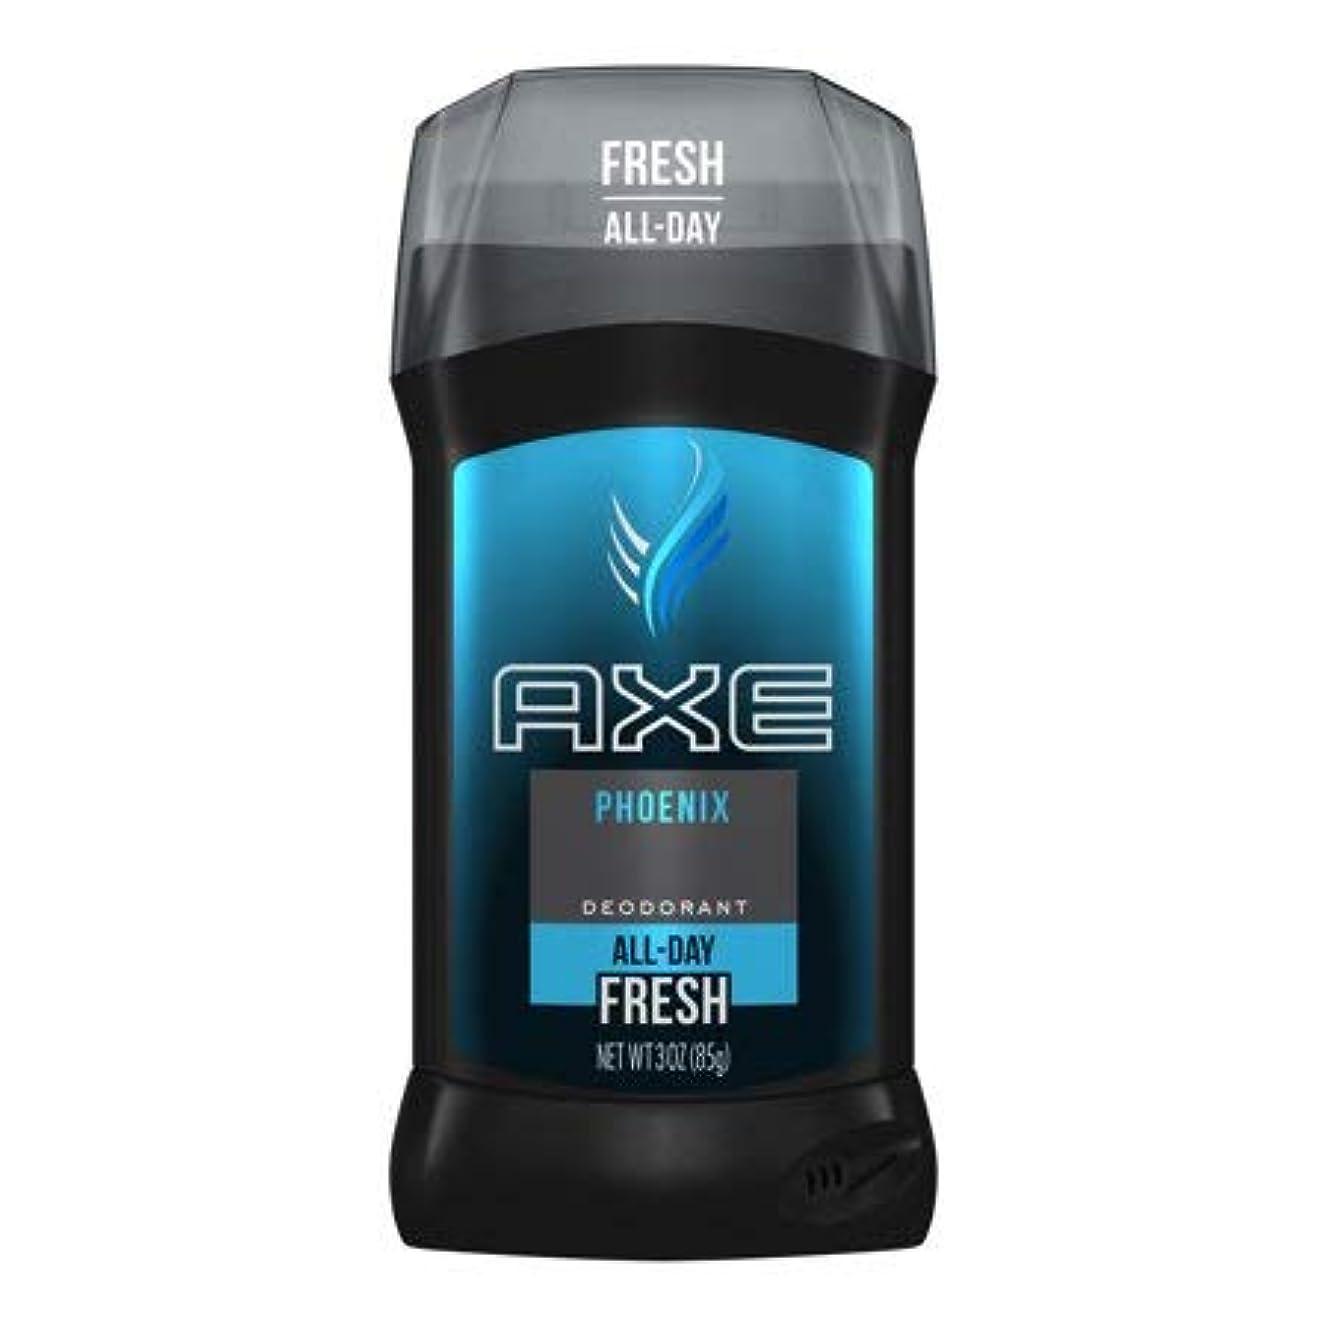 オピエート委員会抽象化AXE Phoenix Deodorant Stick Fresh 3 oz アクセ フェニックス フレッシュ デオドラント 海外直送品 [並行輸入品]